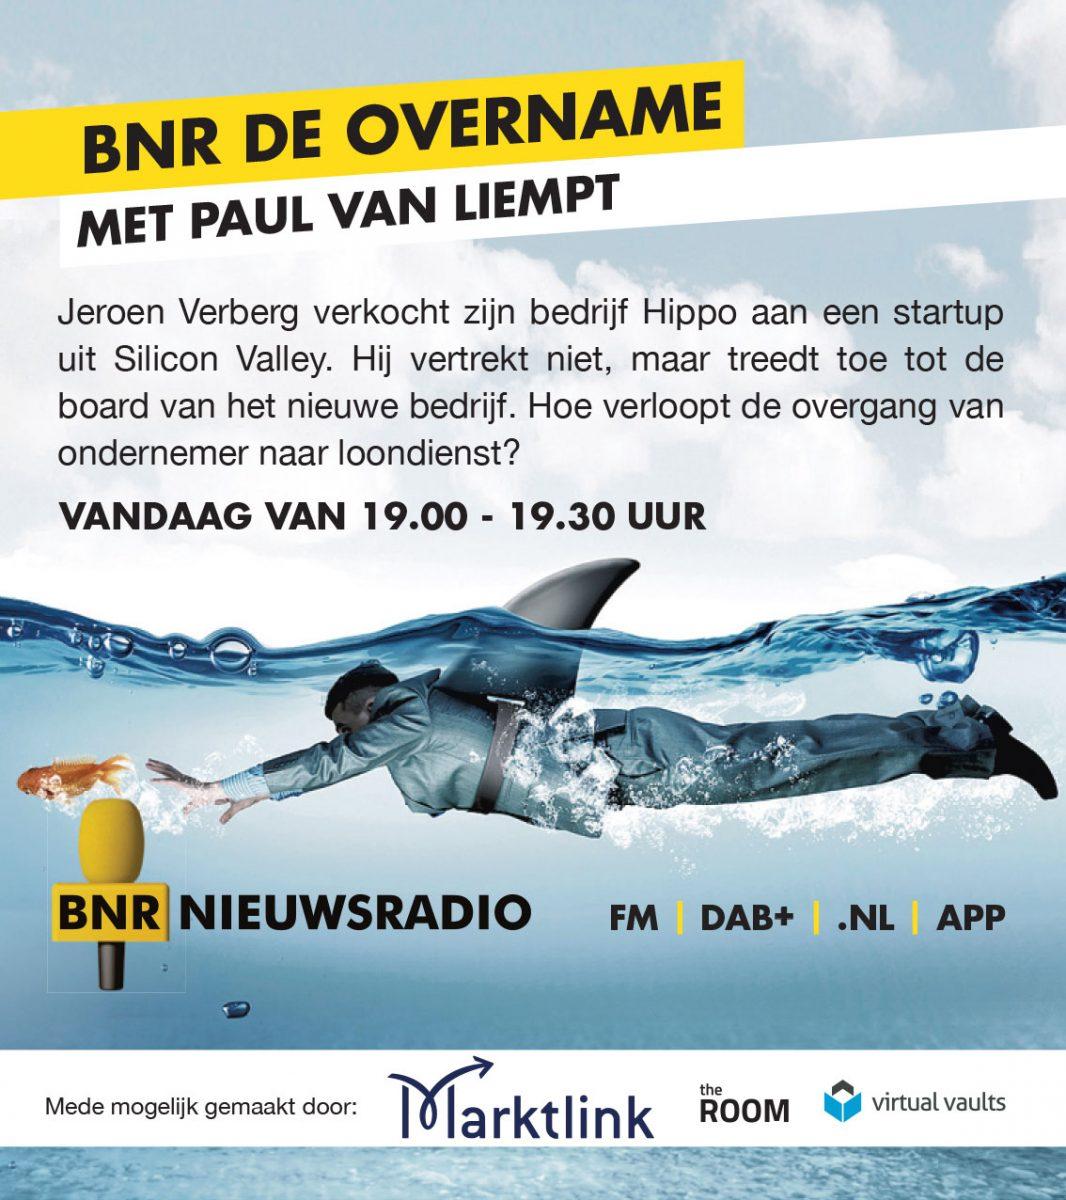 bnr-de-overname-haai-im-22-november-2016